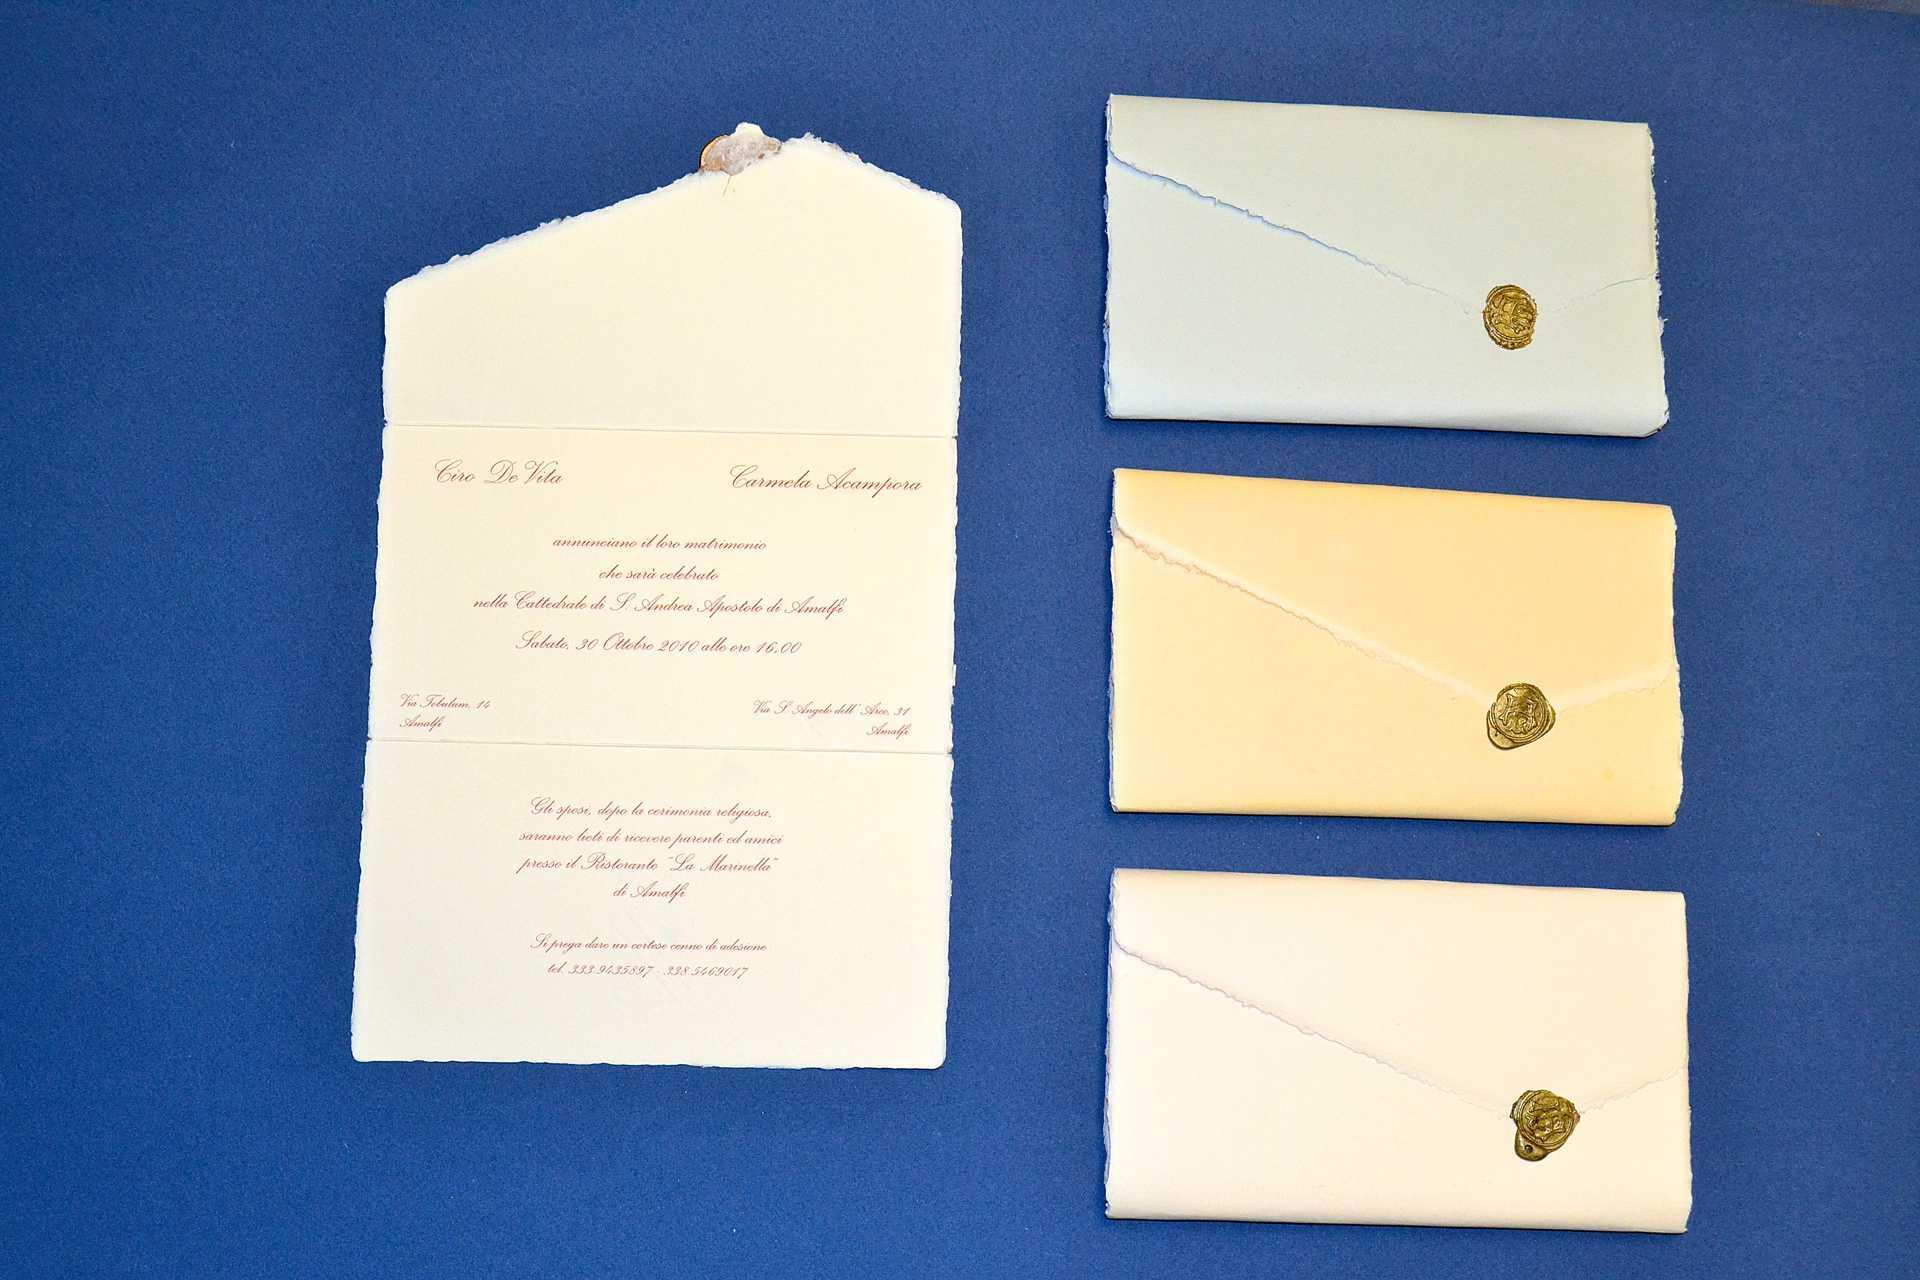 Partecipazioni Matrimonio Carta Amalfi.Partecipazioni Di Nozze Lr Colorate Amalfi Tabula